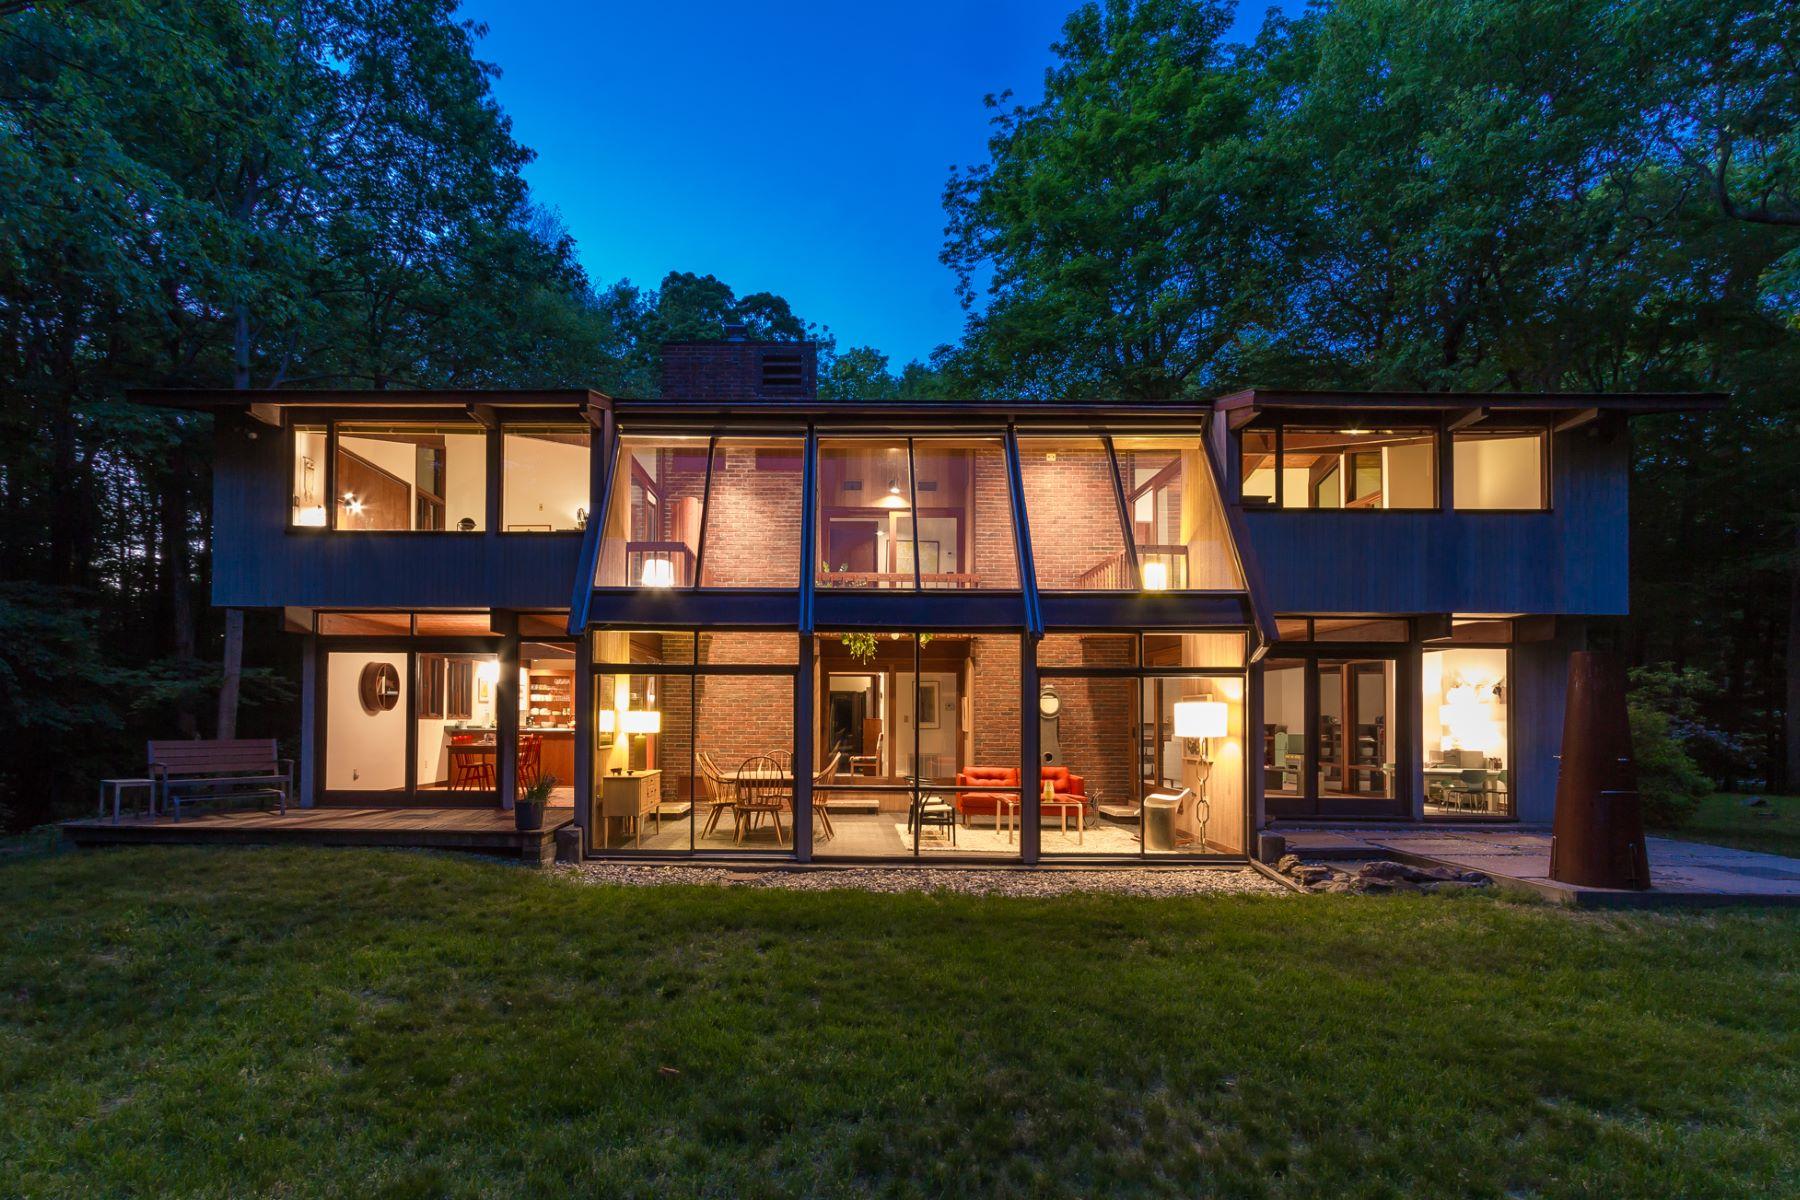 단독 가정 주택 용 매매 에 Contemporary Deck House 124 Armand Road, Ridgefield, 코네티컷, 06877 미국